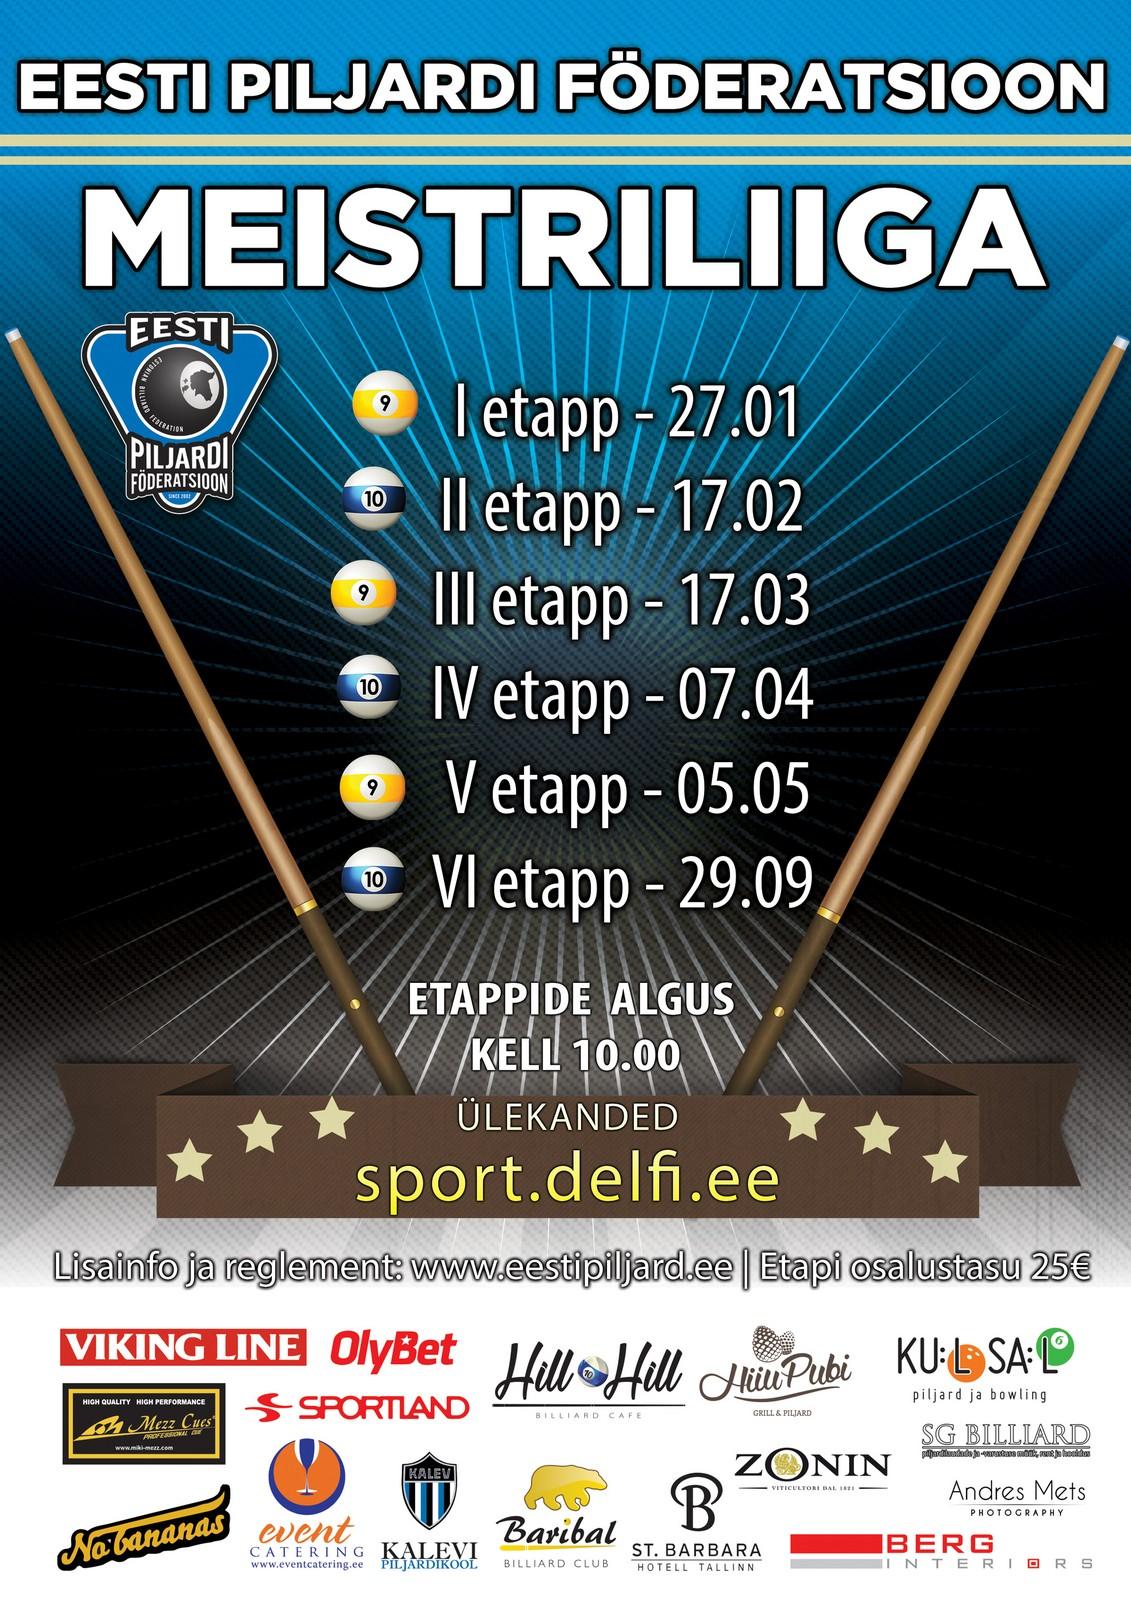 Eesti Piljardi Föderatsioon - Meistriliiga kalender 2017